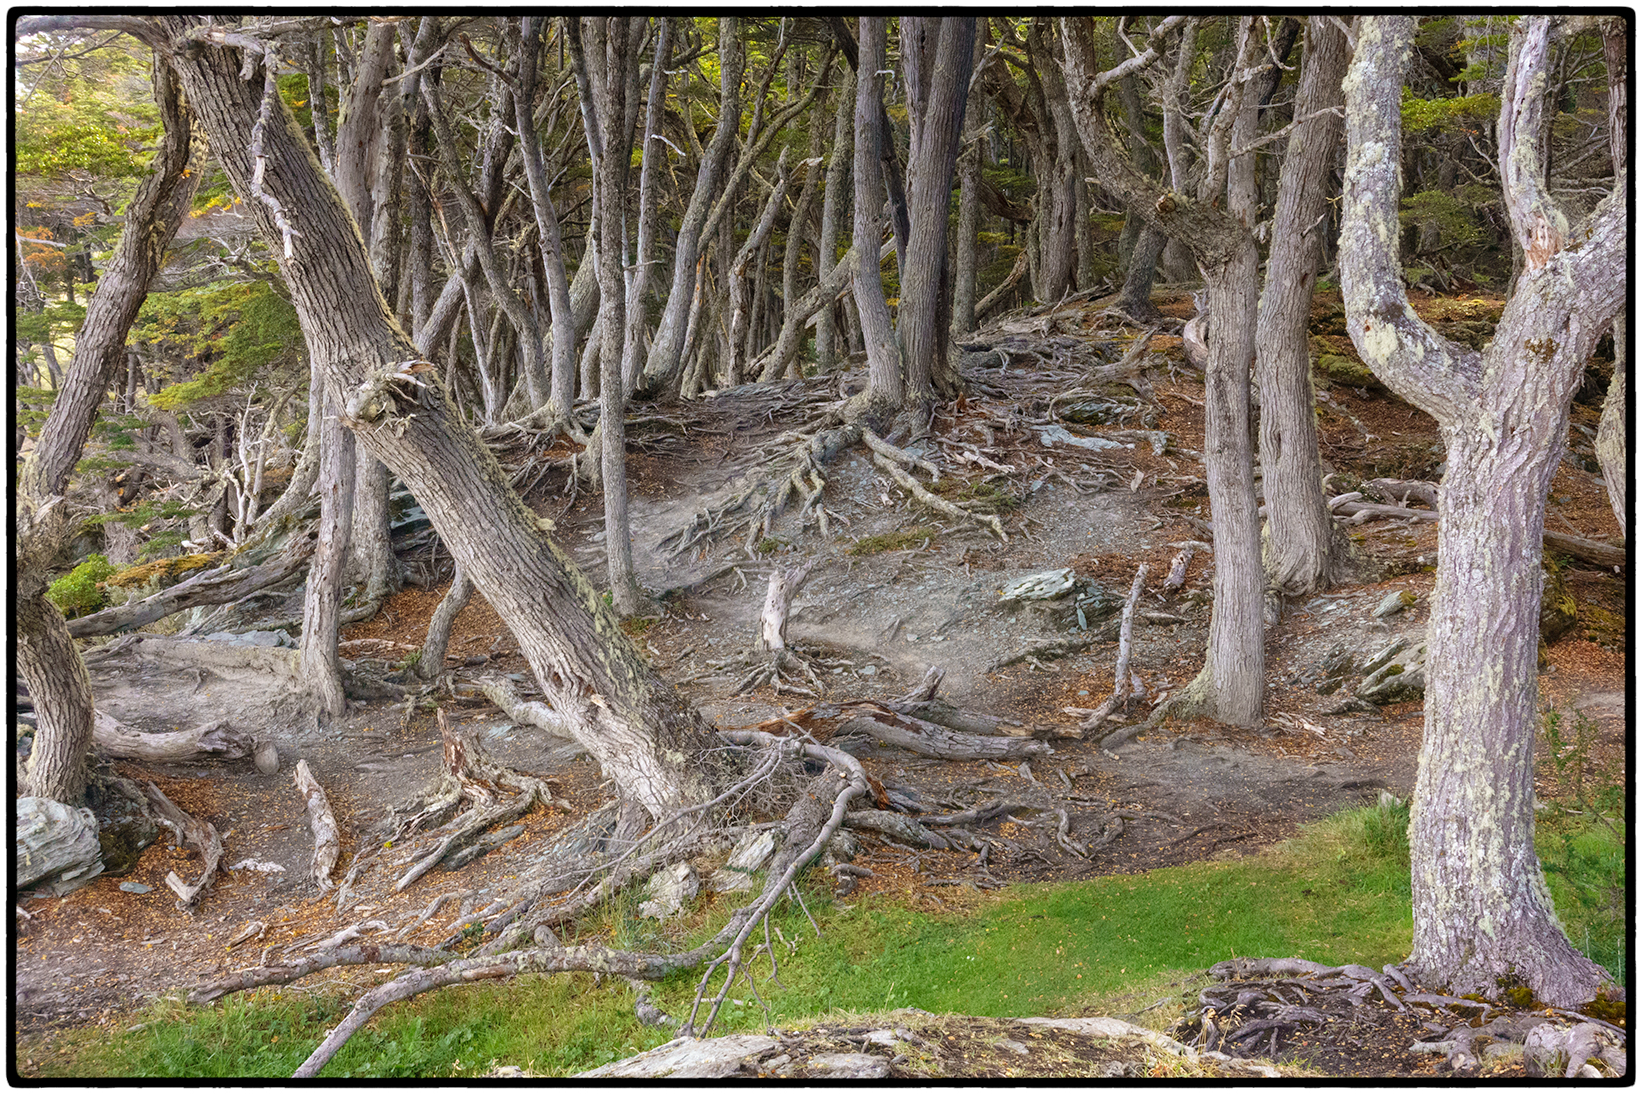 Forest, Ushuaia, Argentina